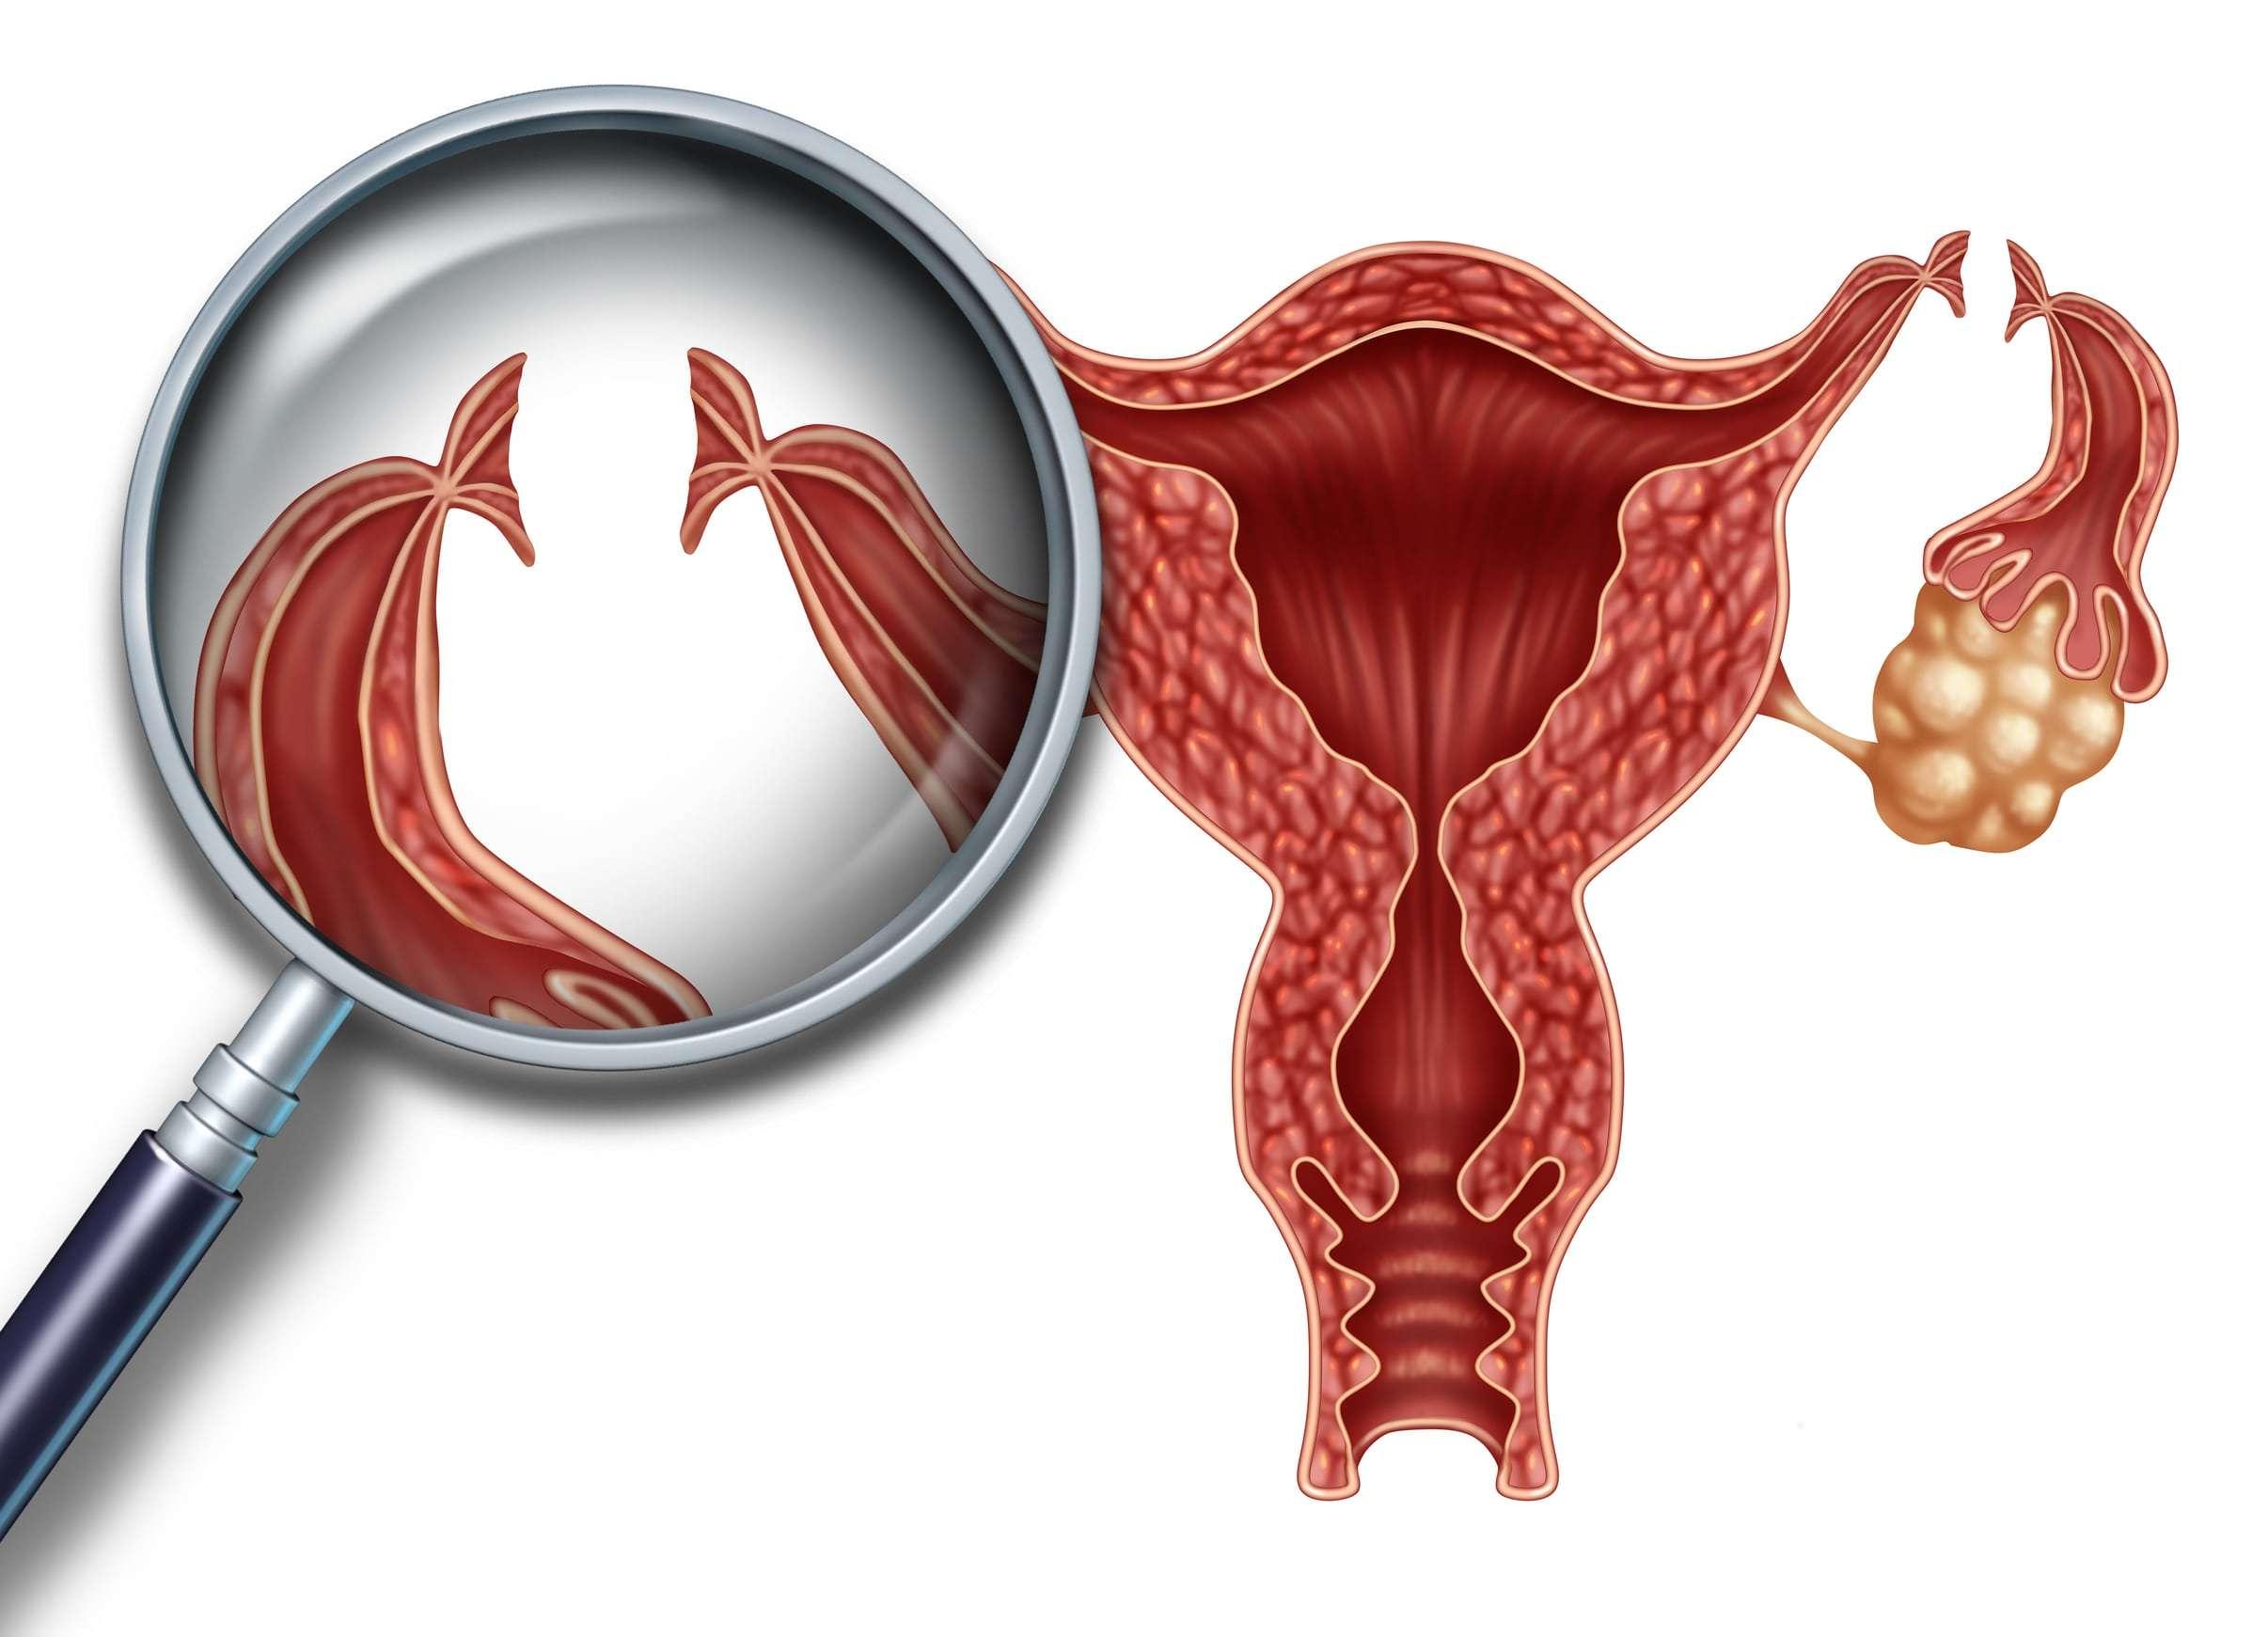 Reversão da laqueadura e FIV: conheça as vantagens e desvantagens